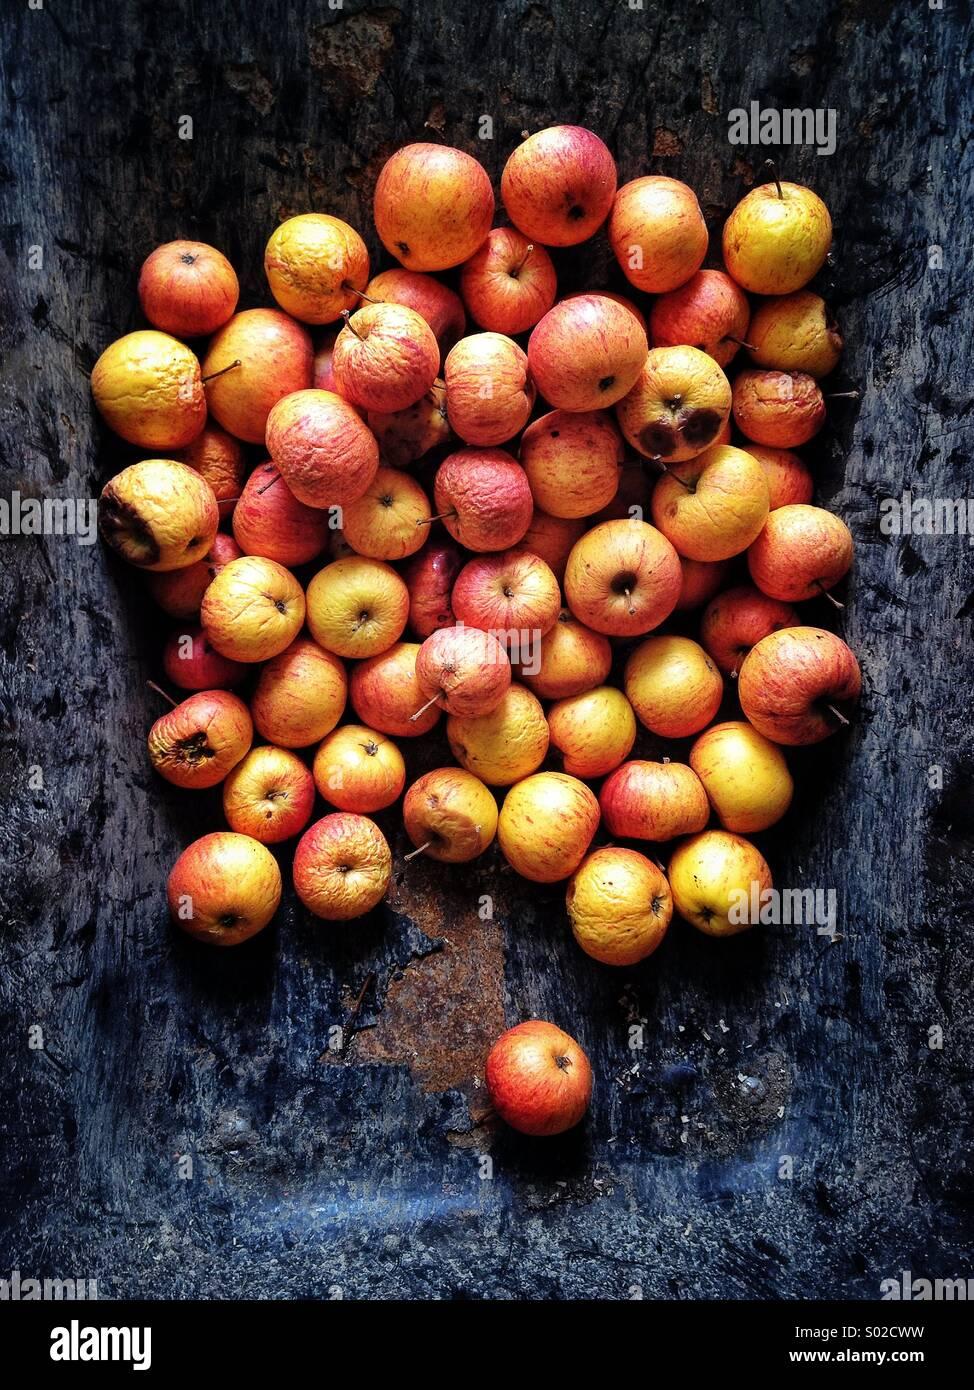 Les pommes pourries dans brouette en métal Photo Stock